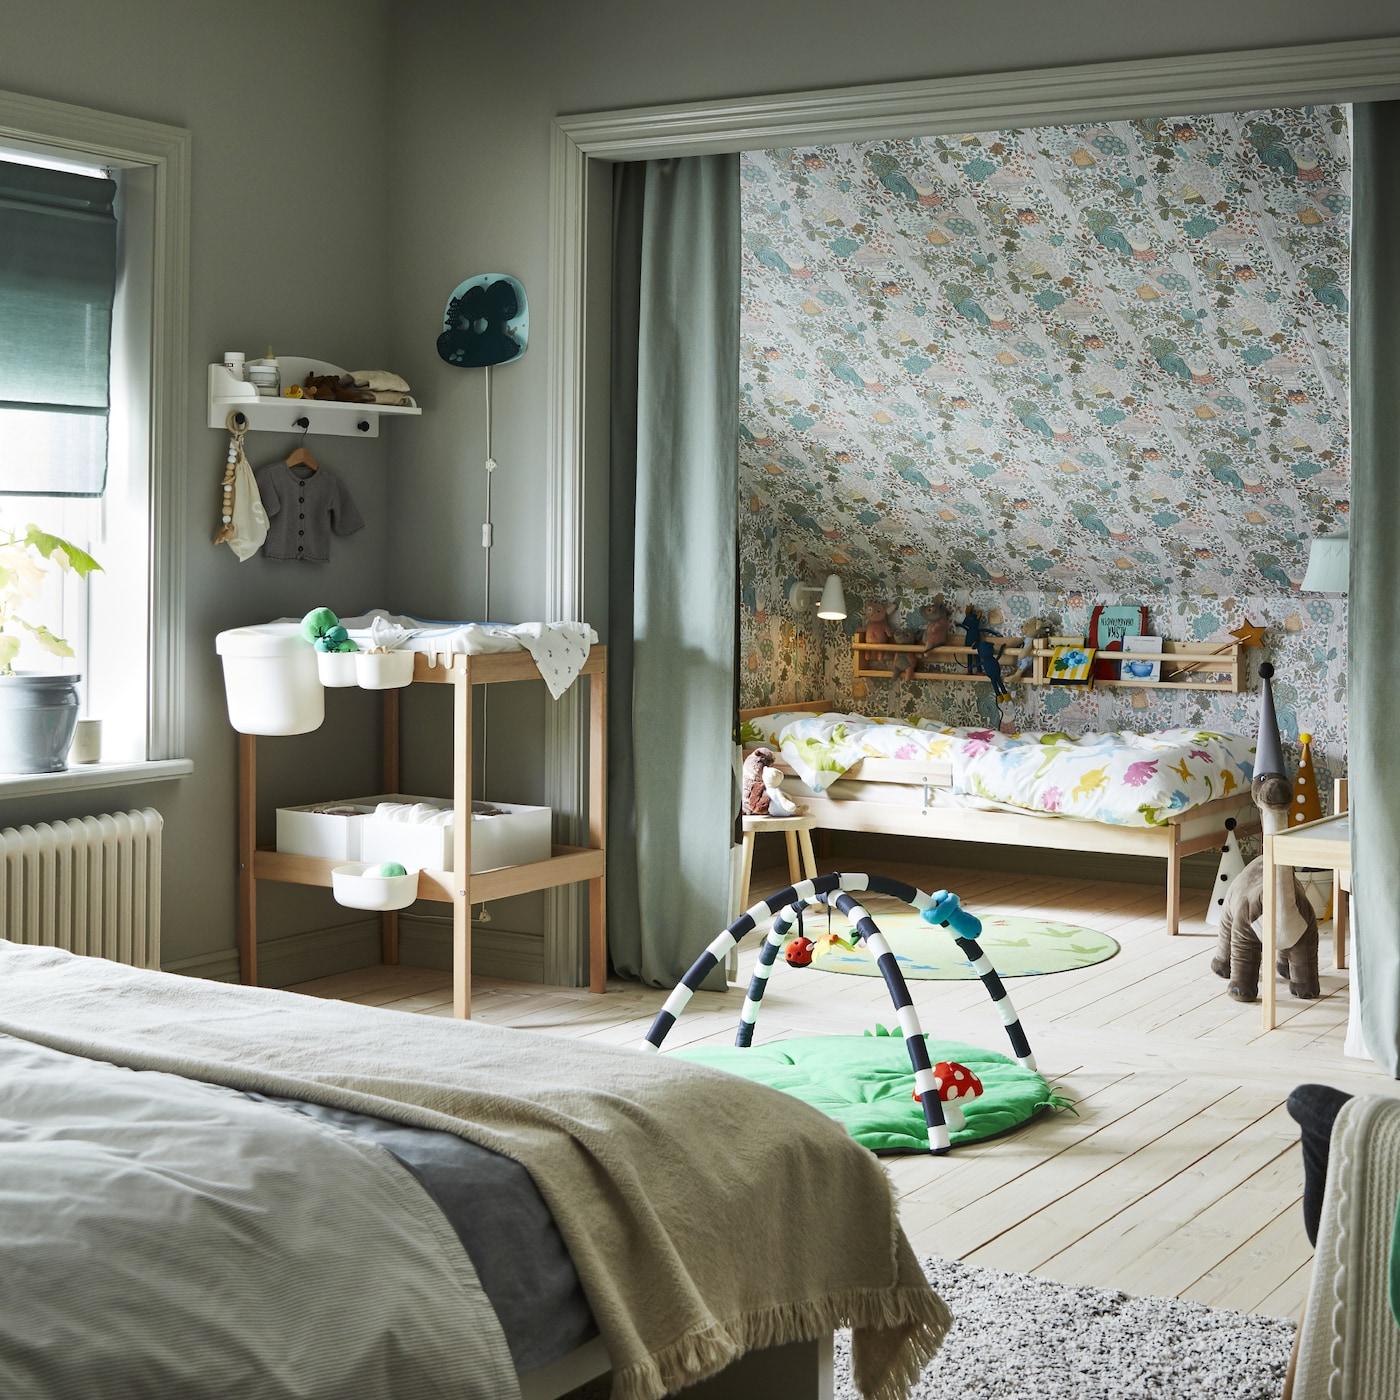 ベッドルーム。ダブルベッド、おむつ替え台、ベビー用品。グリーンのカーテンのアルコーブに子ども用ベッドが置かれています。